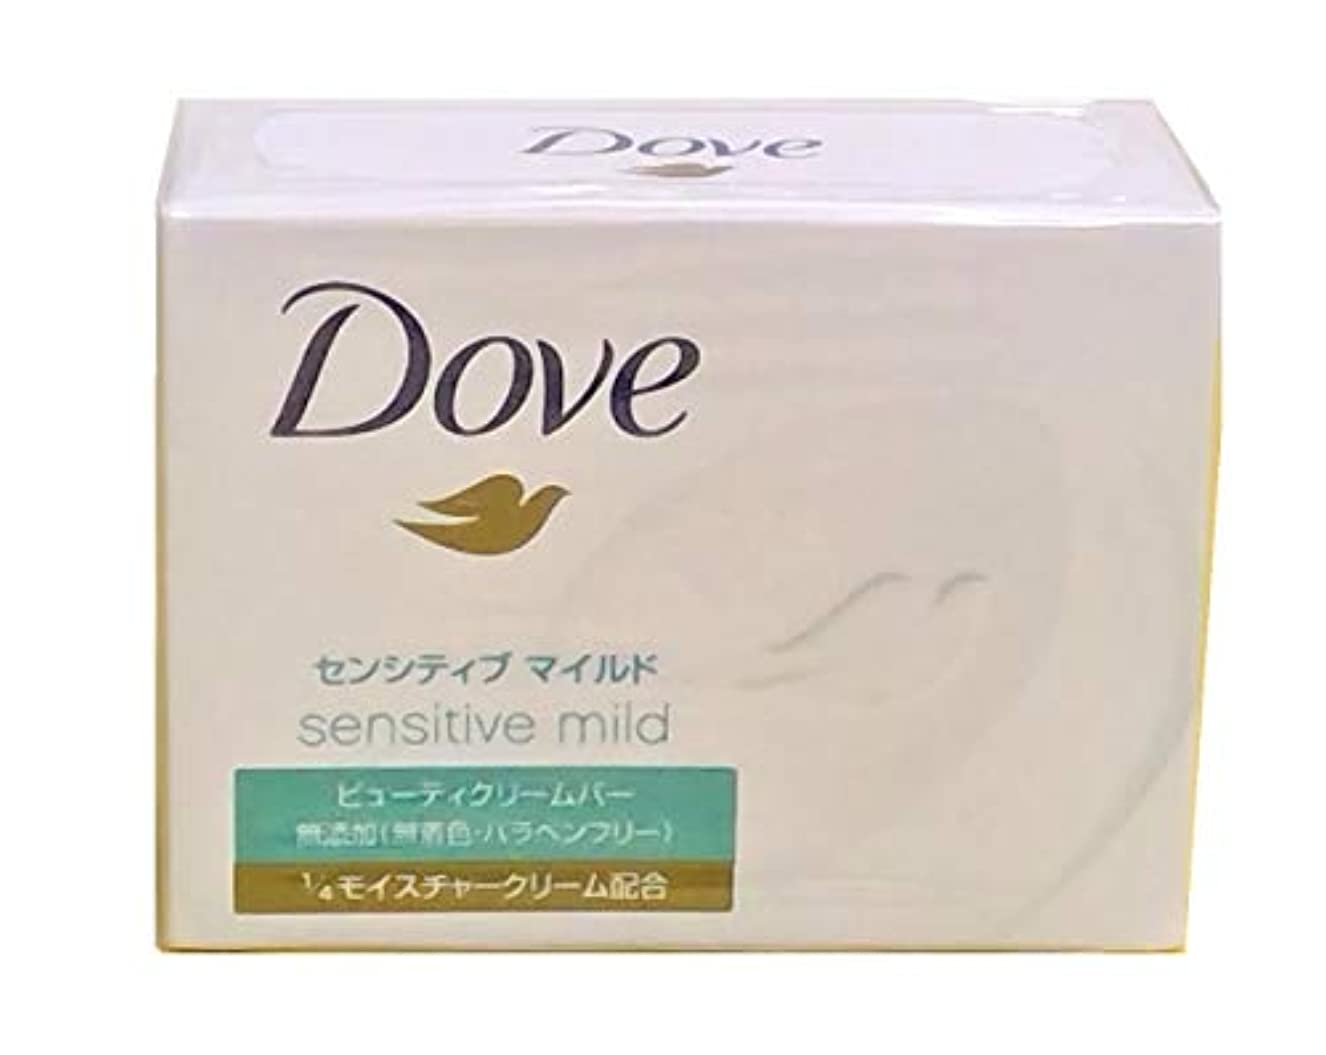 請求書びっくりする債権者Dove ダヴ ビューティークリームバー センシティブマイルド 1個